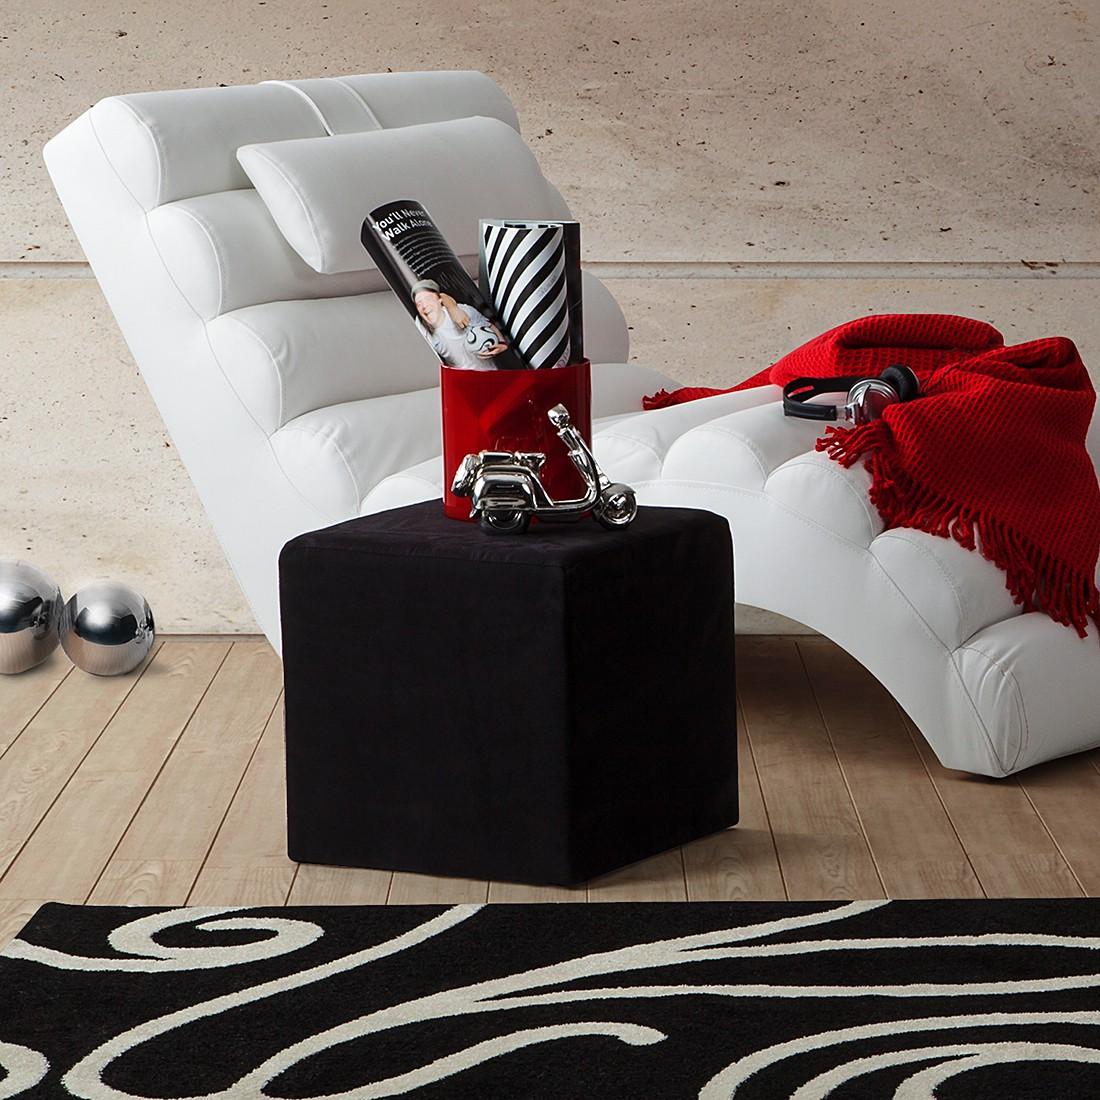 home24 Sitzwürfel Fredrik | Wohnzimmer > Hocker & Poufs > Sitzwürfel